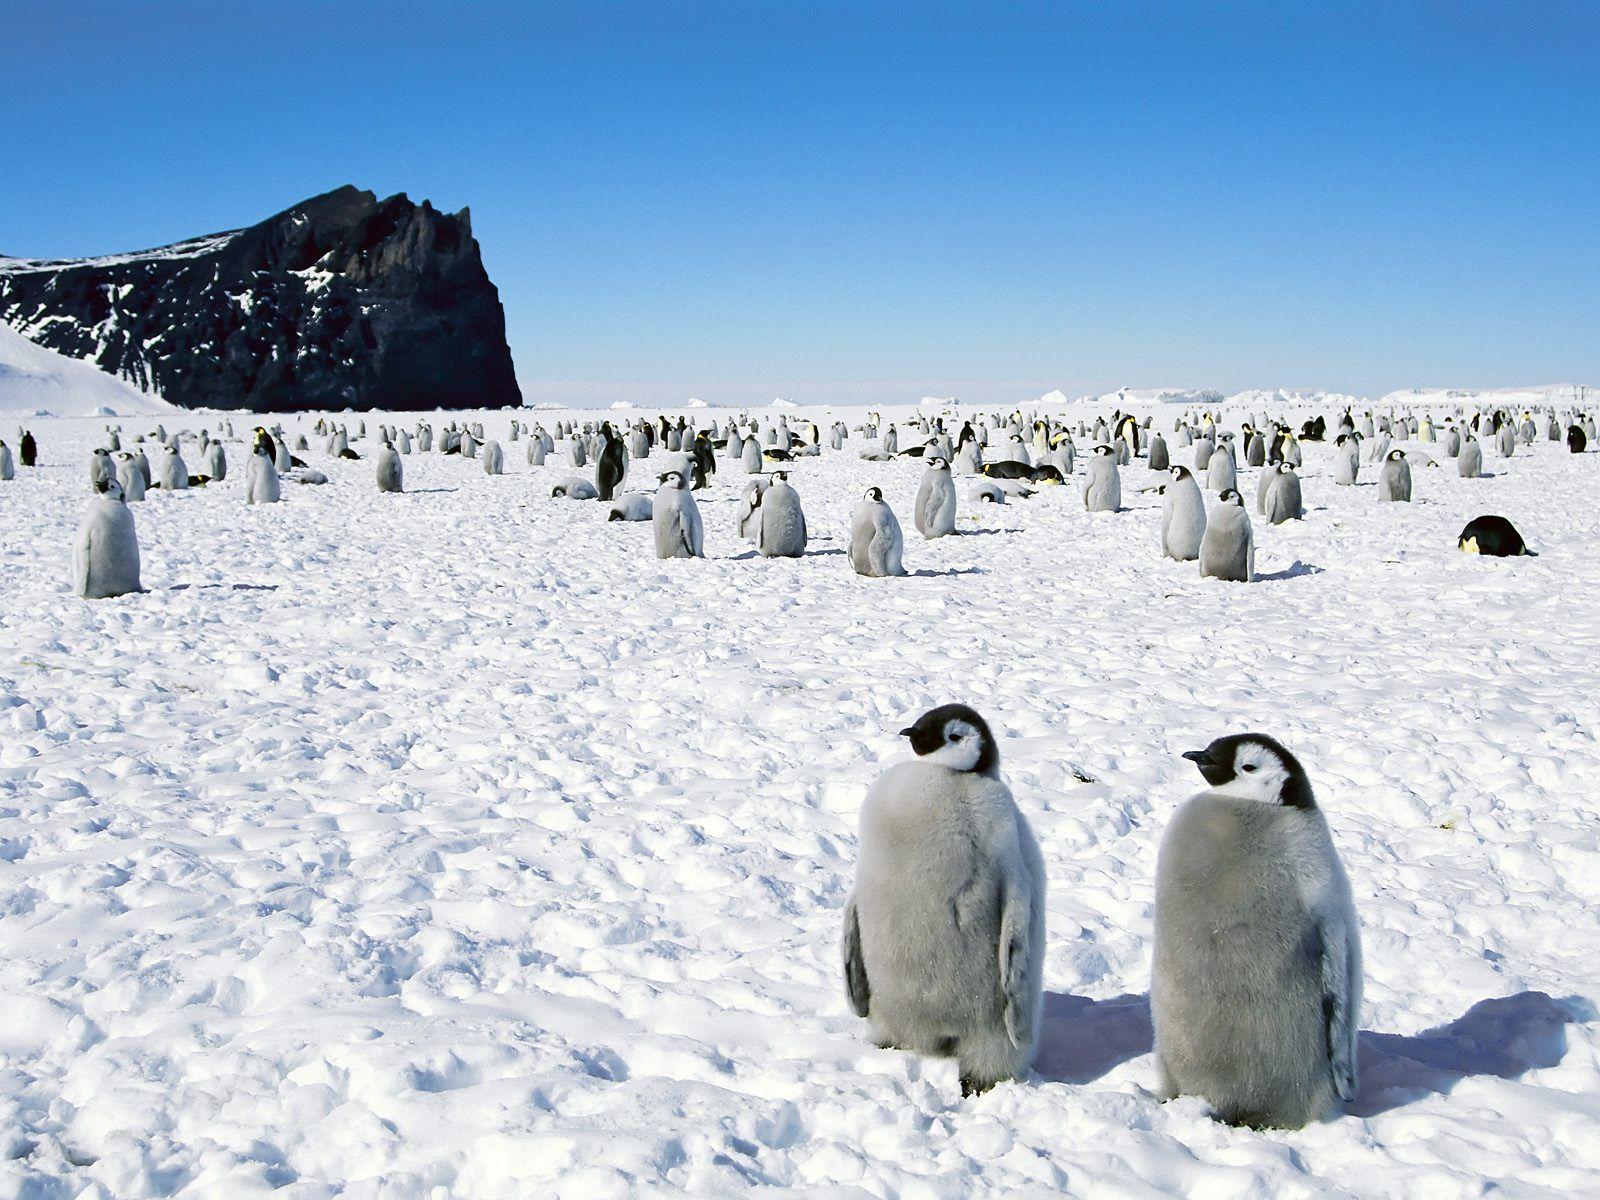 Antarctica Gentoo Penguins Wallpaper HD Wallpapers